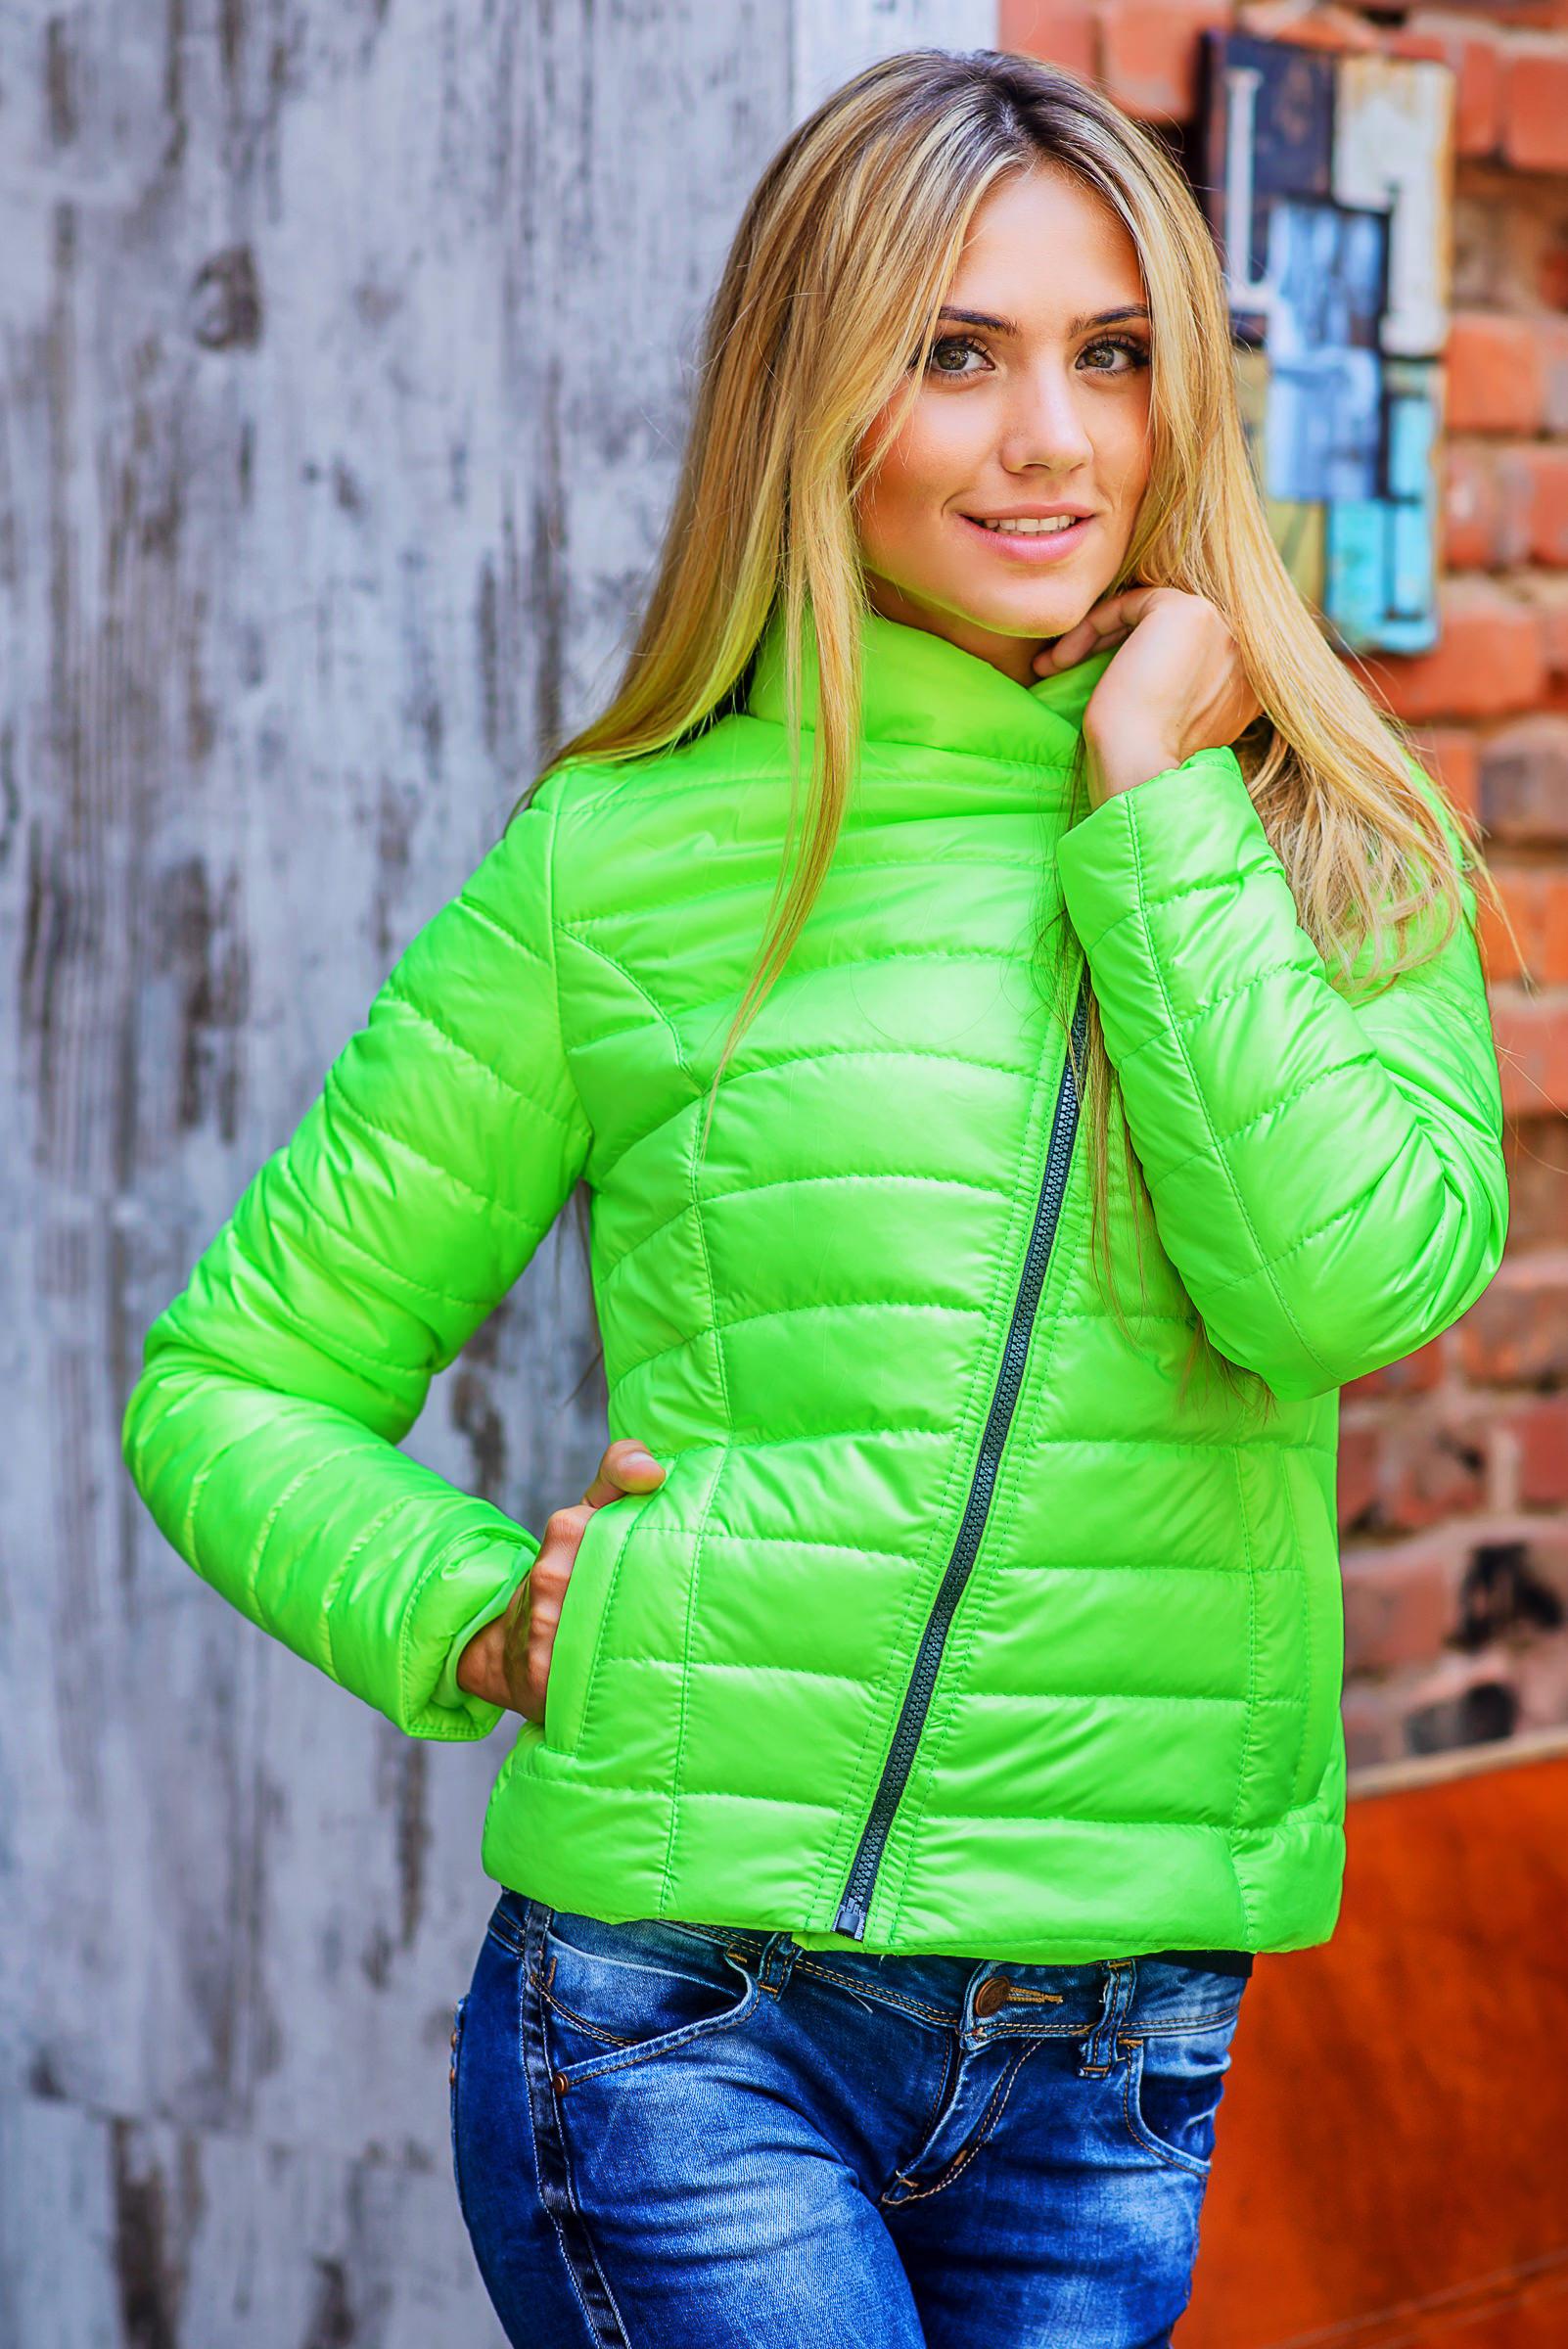 Модные зеленые куртки